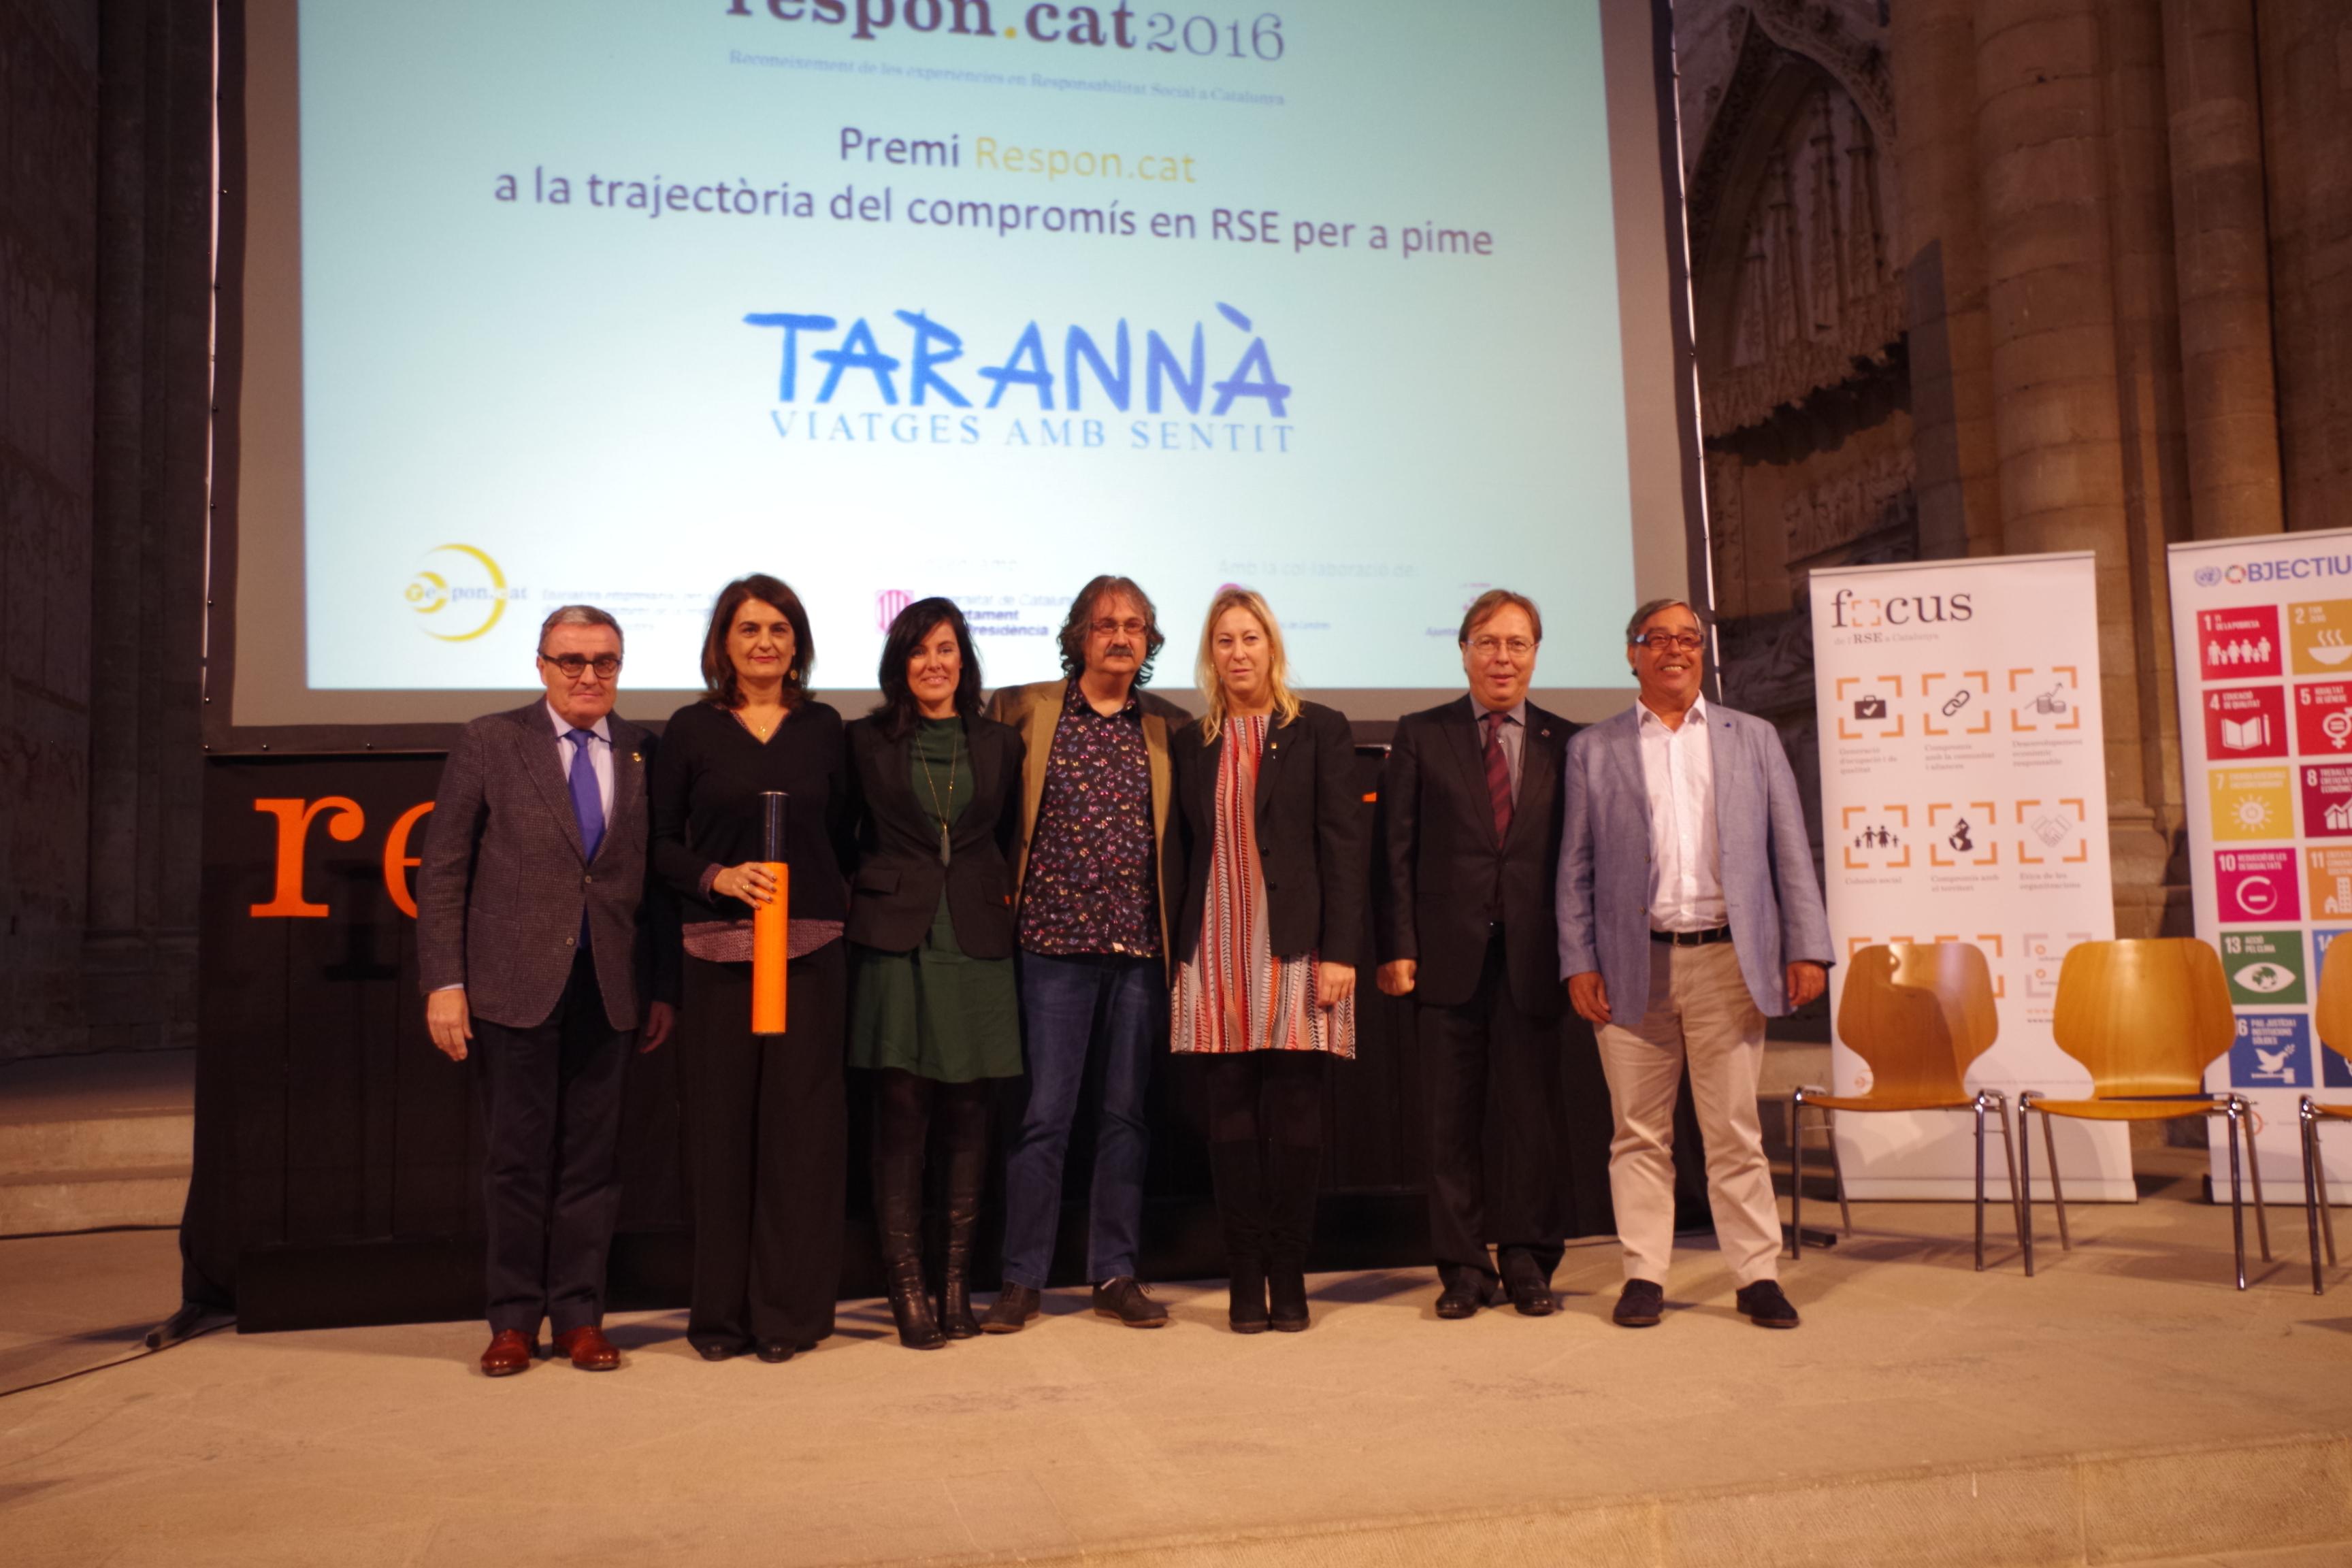 Acte_Premis Respon.cat2016_Taranna